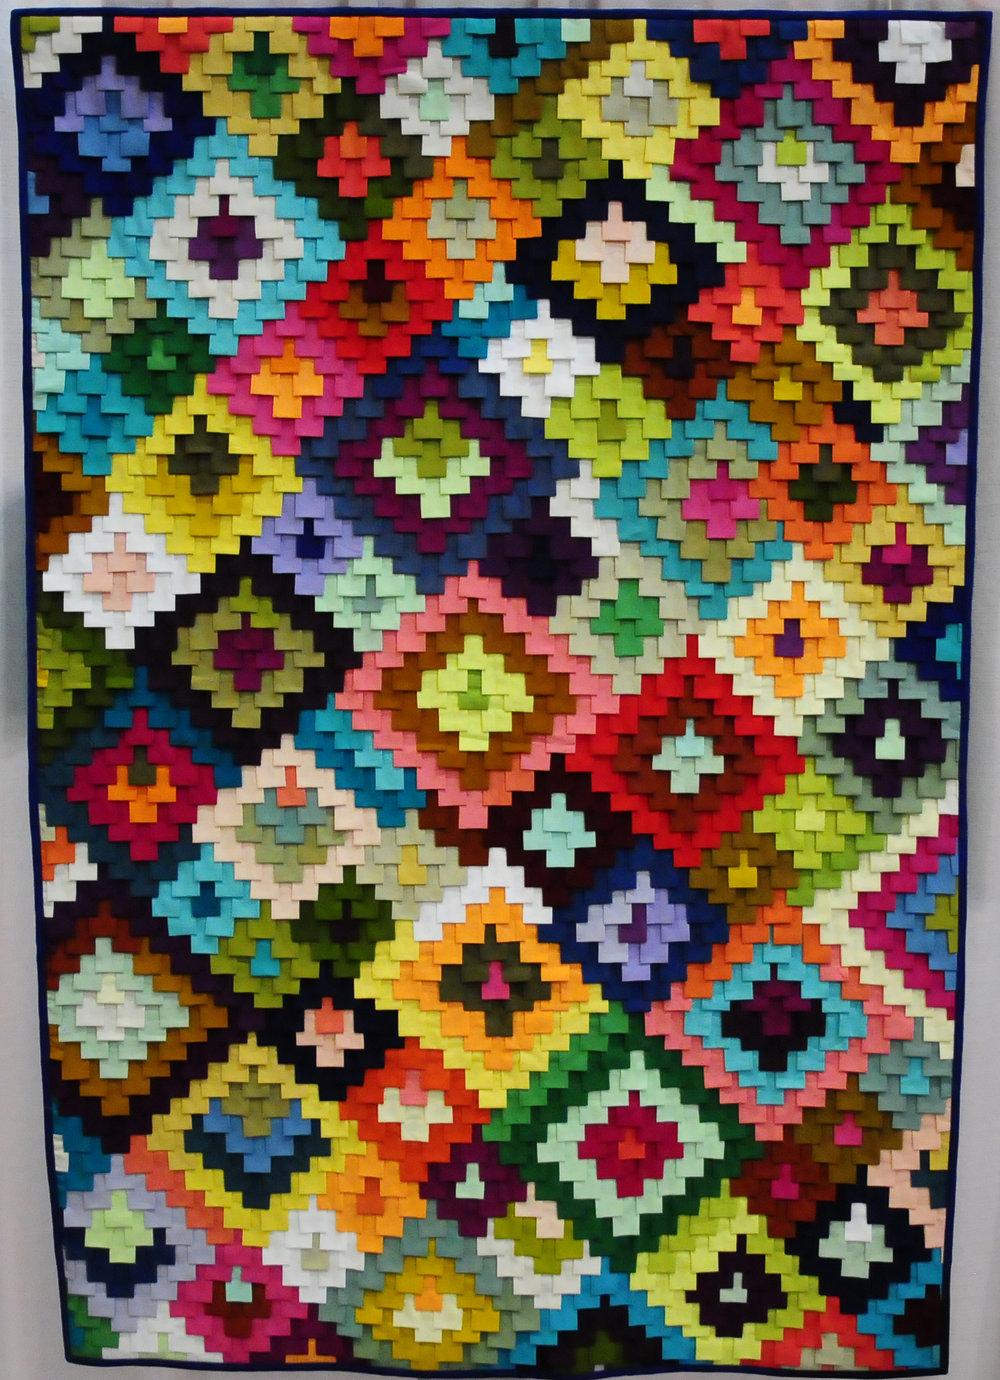 Bazaar Quilt by Tara Faughnan (@tarafaughnan), detail below